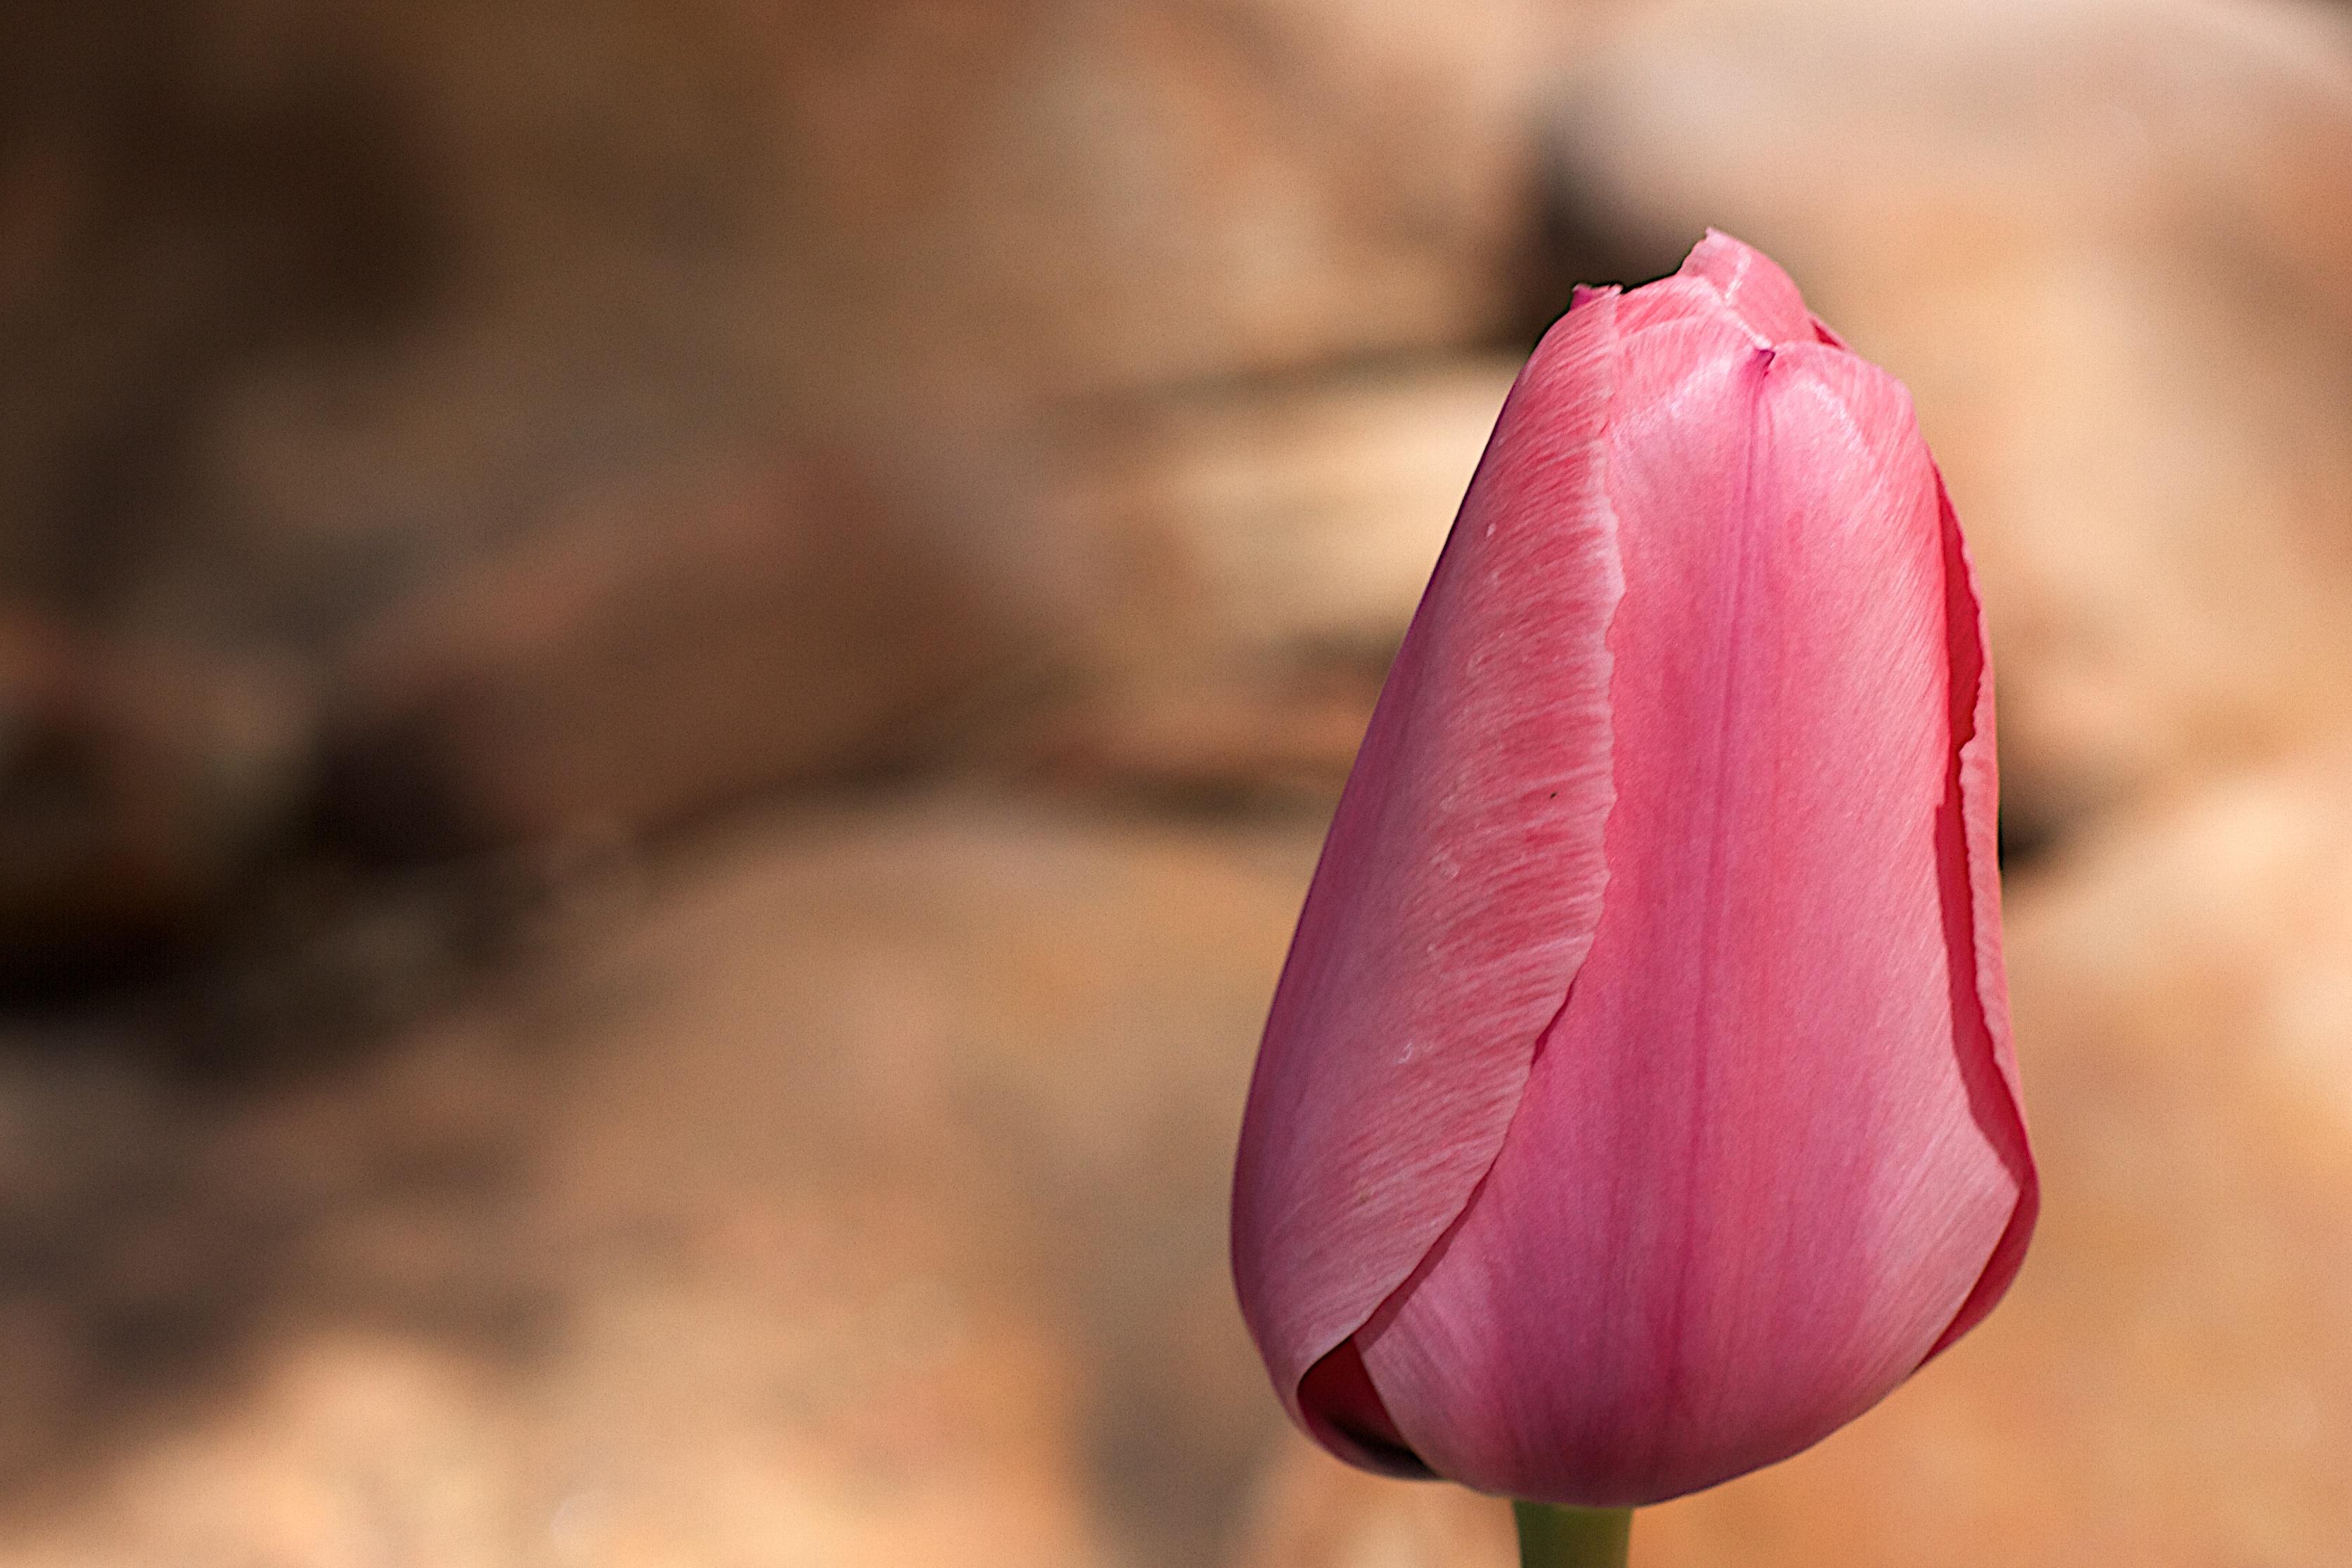 фото тюльпана крупным планом в хорошем качестве близки эти слова